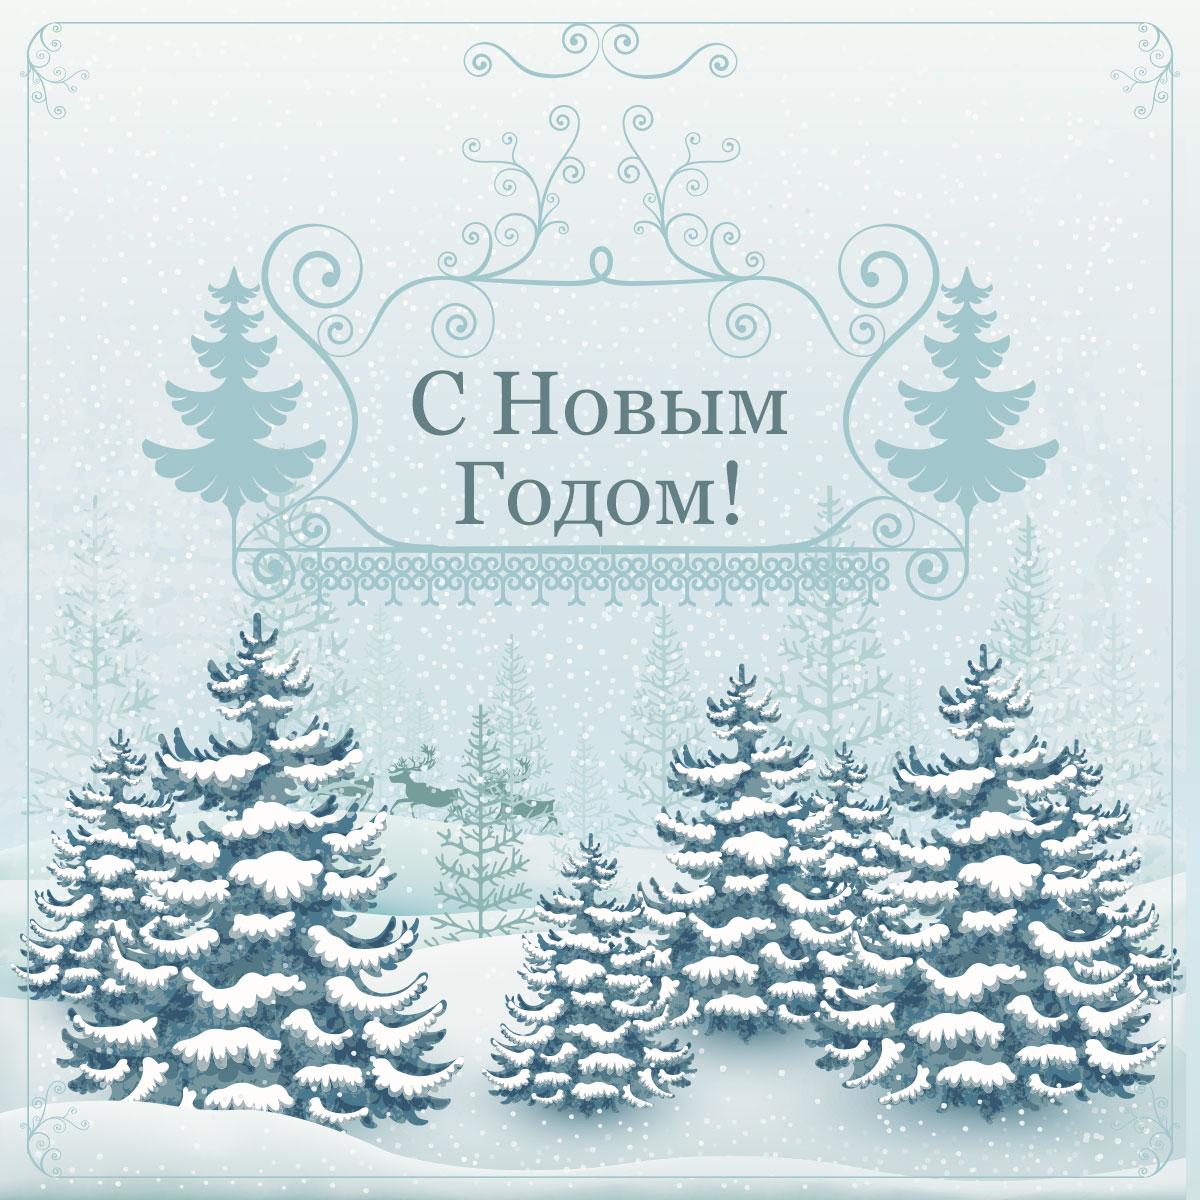 Монохромная картинка с ёлками в зимнем лесу в ретро стиле.